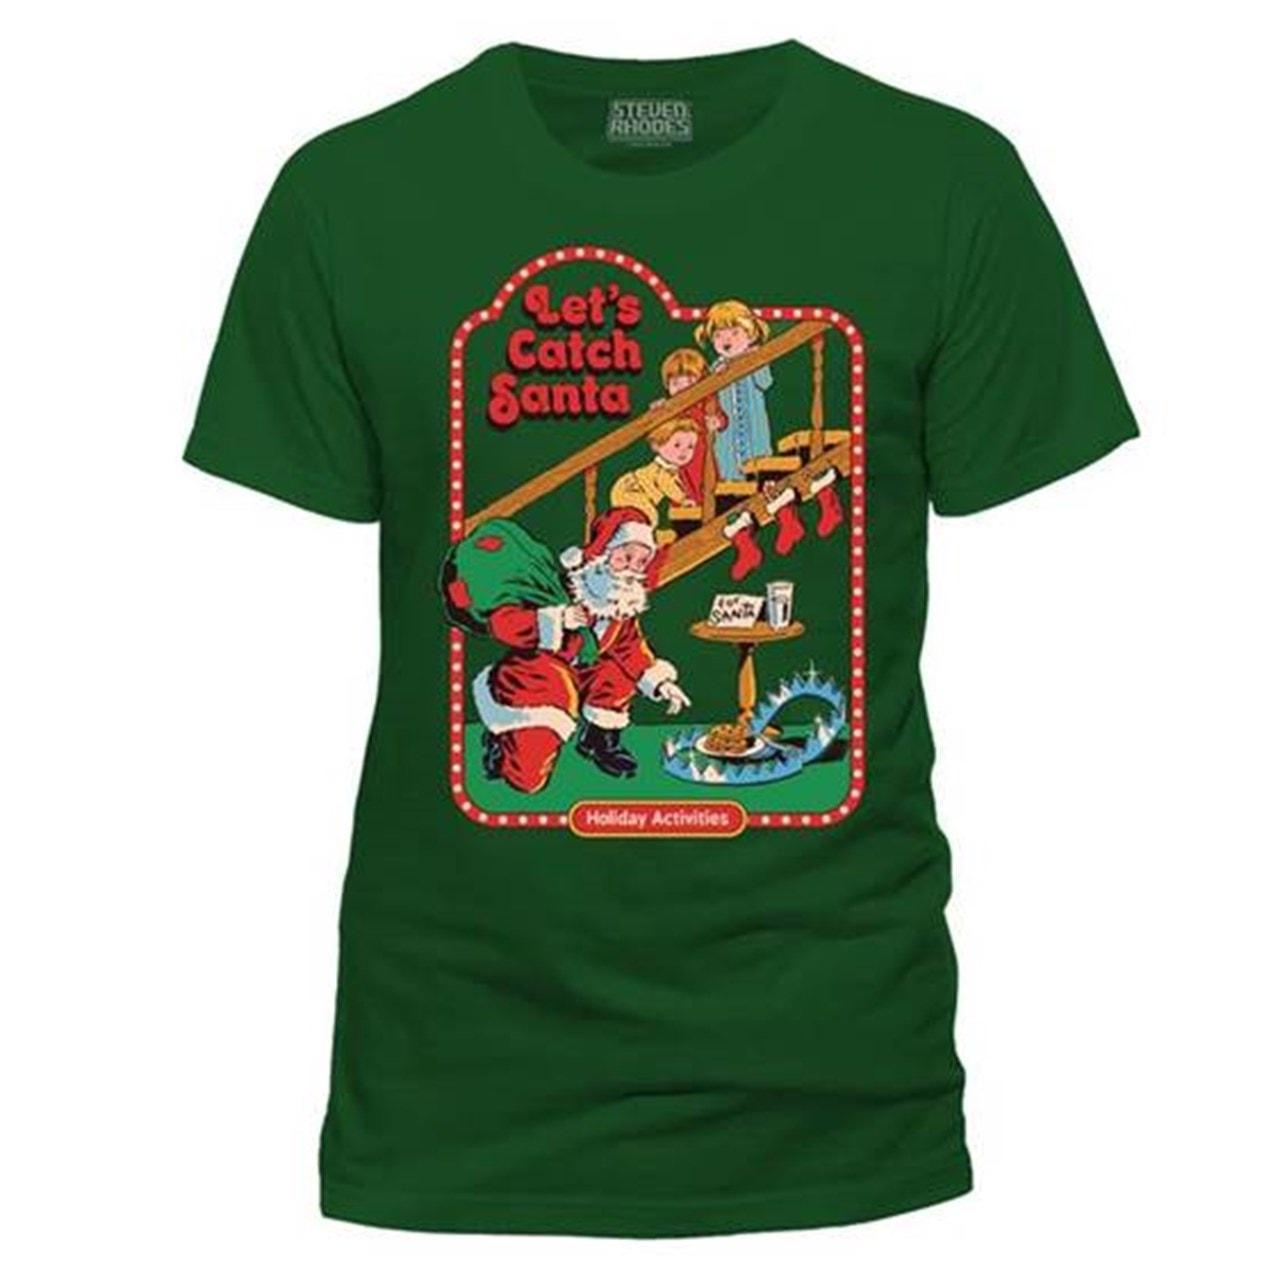 Steven Rhodes: Let's Catch Santa (hmv Exclusive) (Small) - 1